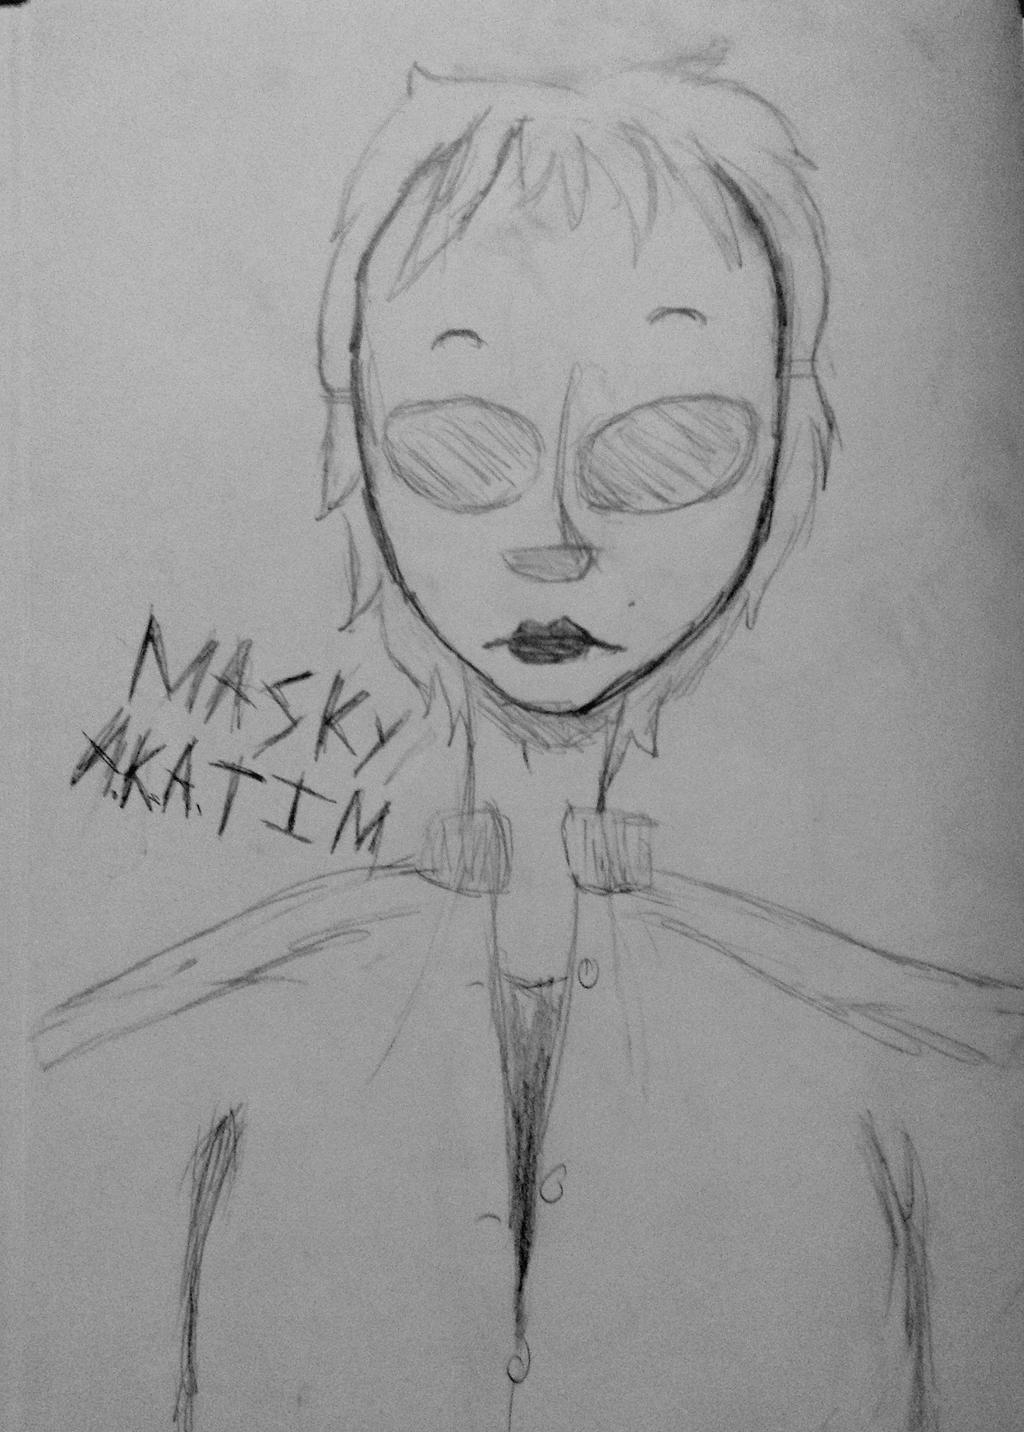 Masky by TheBaconMistress